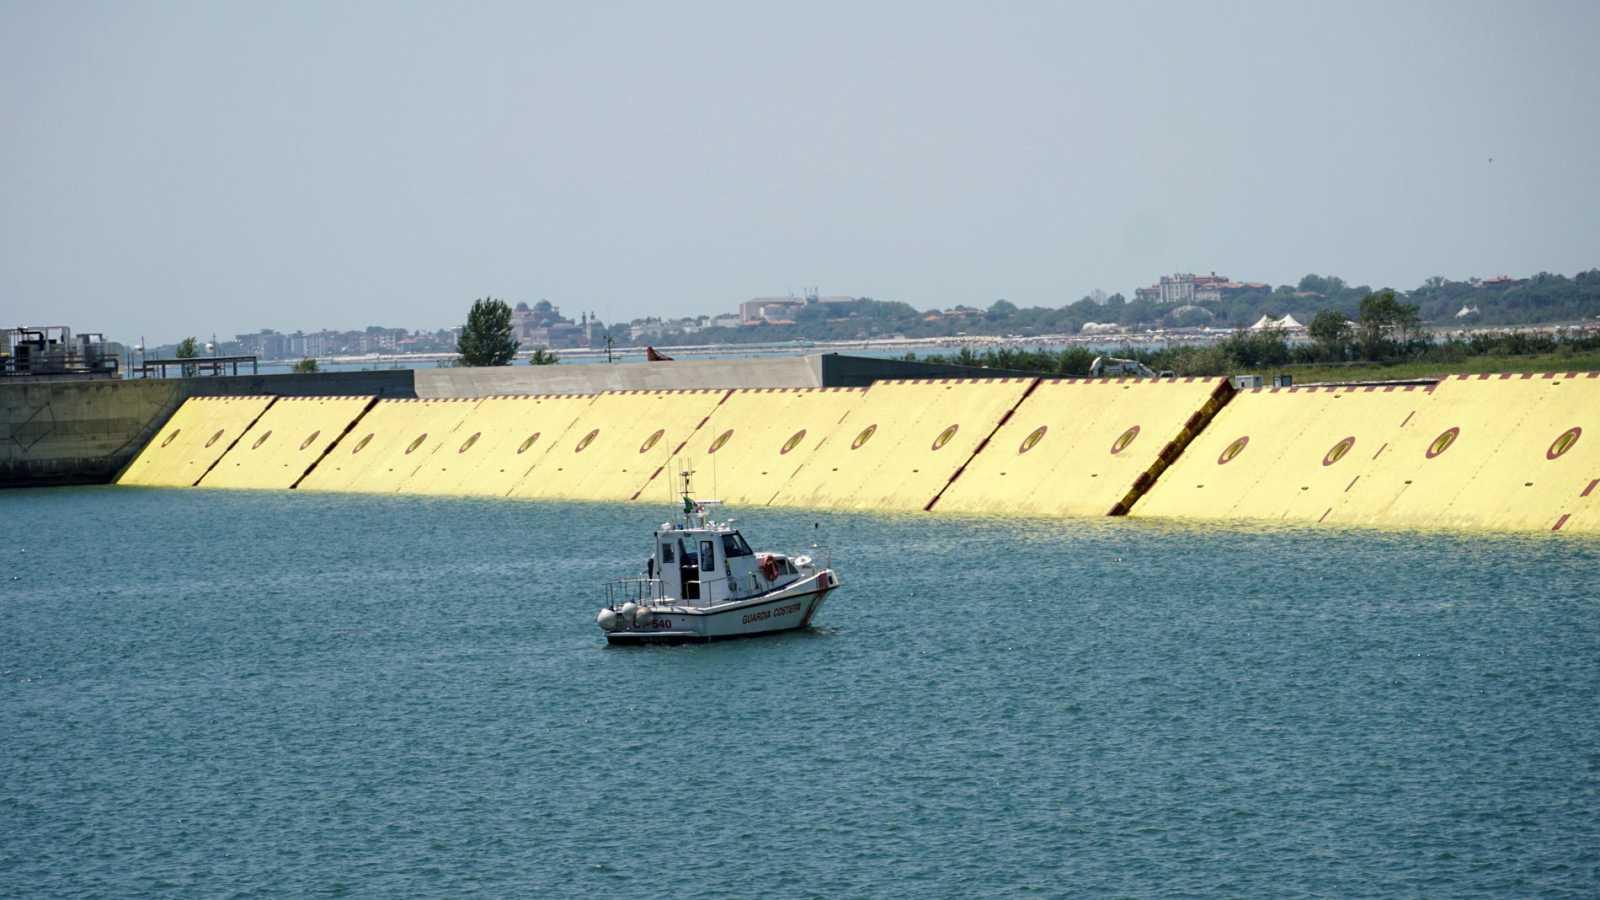 Venecia prueba Moisés, una ciclópea barrera para proteger la ciudad de las inundaciones